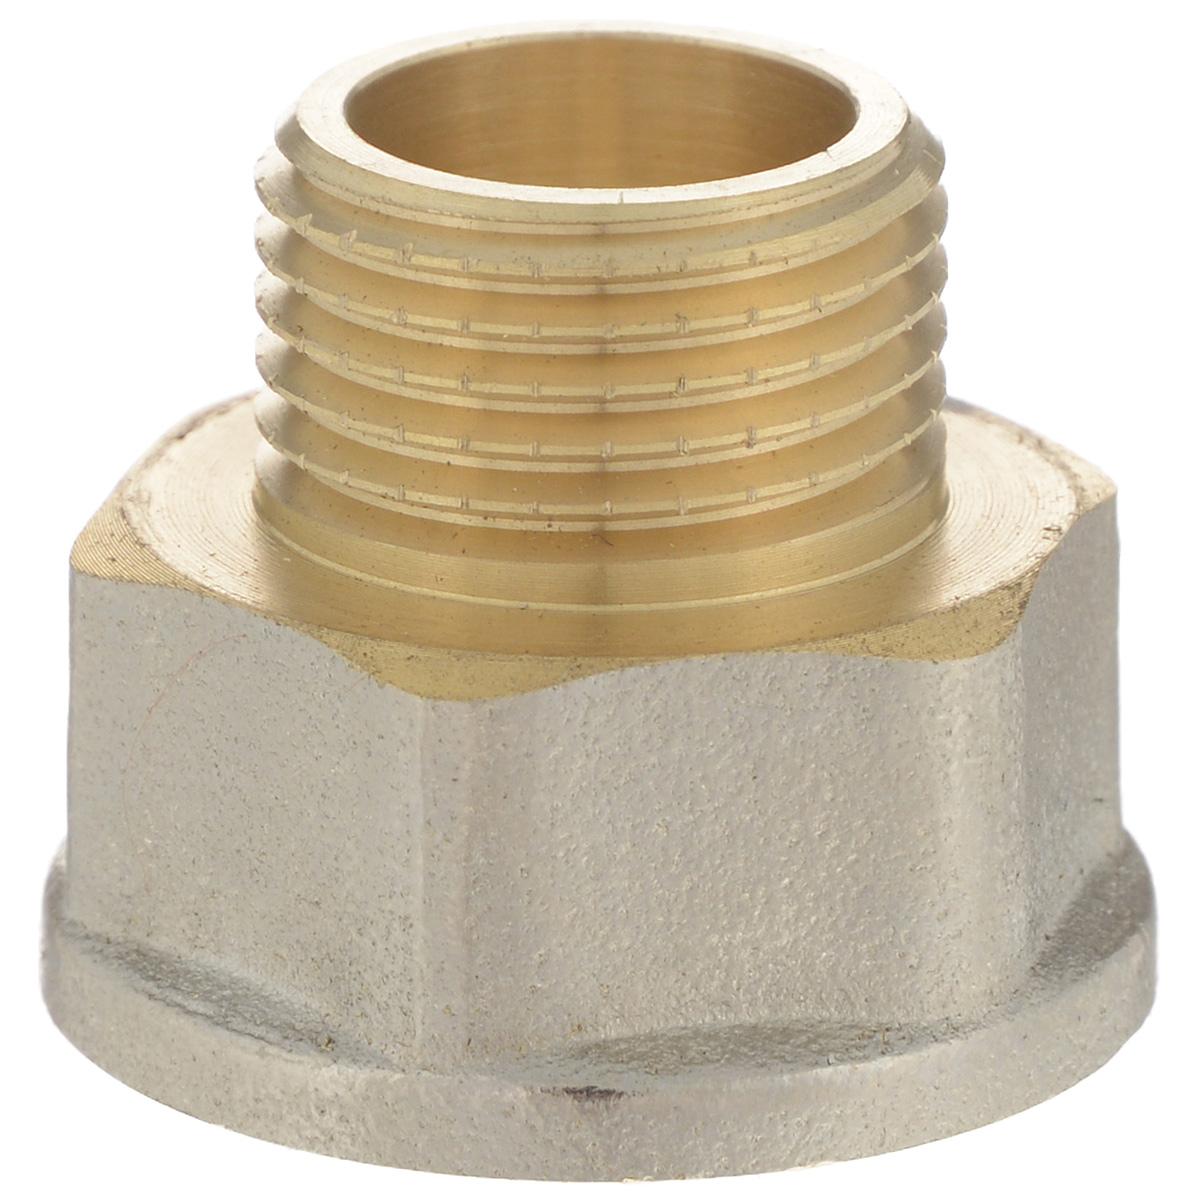 Переходник U-tec, с фаской, 3/4 х 1/2UTR 181.N 32/PПереходник U-Tec применяется для водоснабжения и отопления. Корпус выполнен из никелированной латуни.Изделие прошло все необходимые испытания и по праву может считаться надежным.Присоединительные размеры: 3/4 x 1/2.